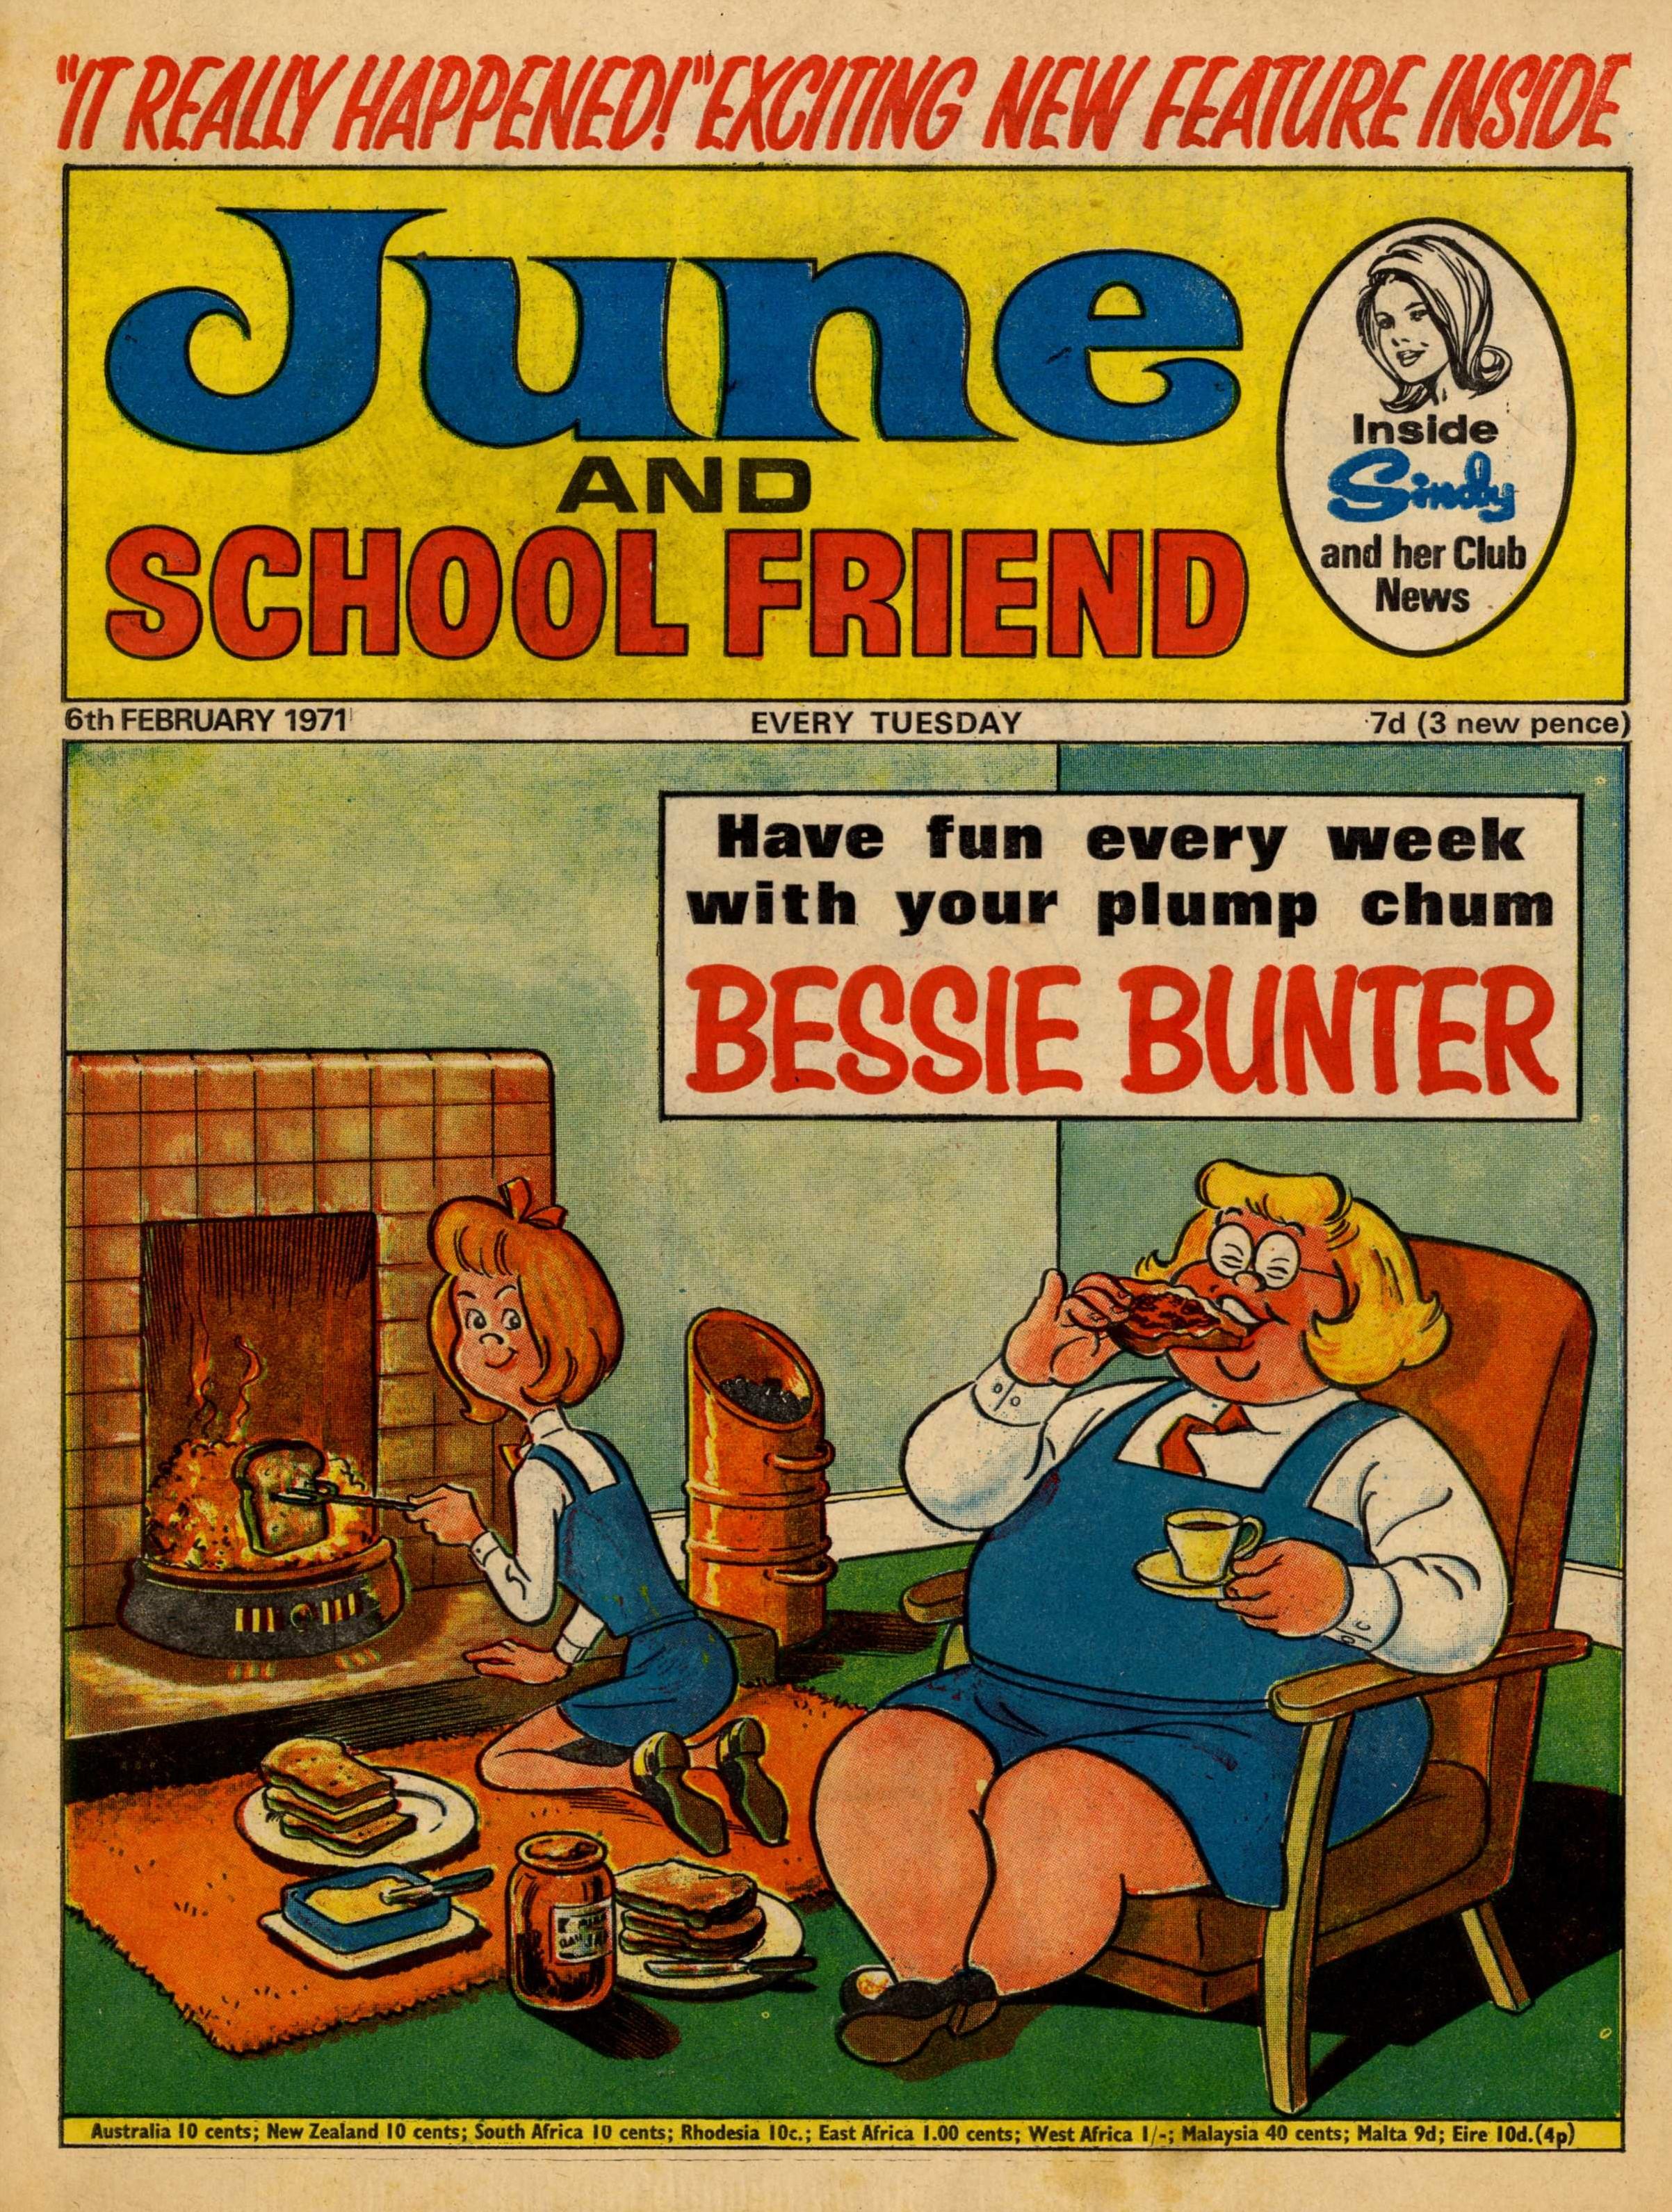 Bessie Bunter, drawn by Arthur Martin